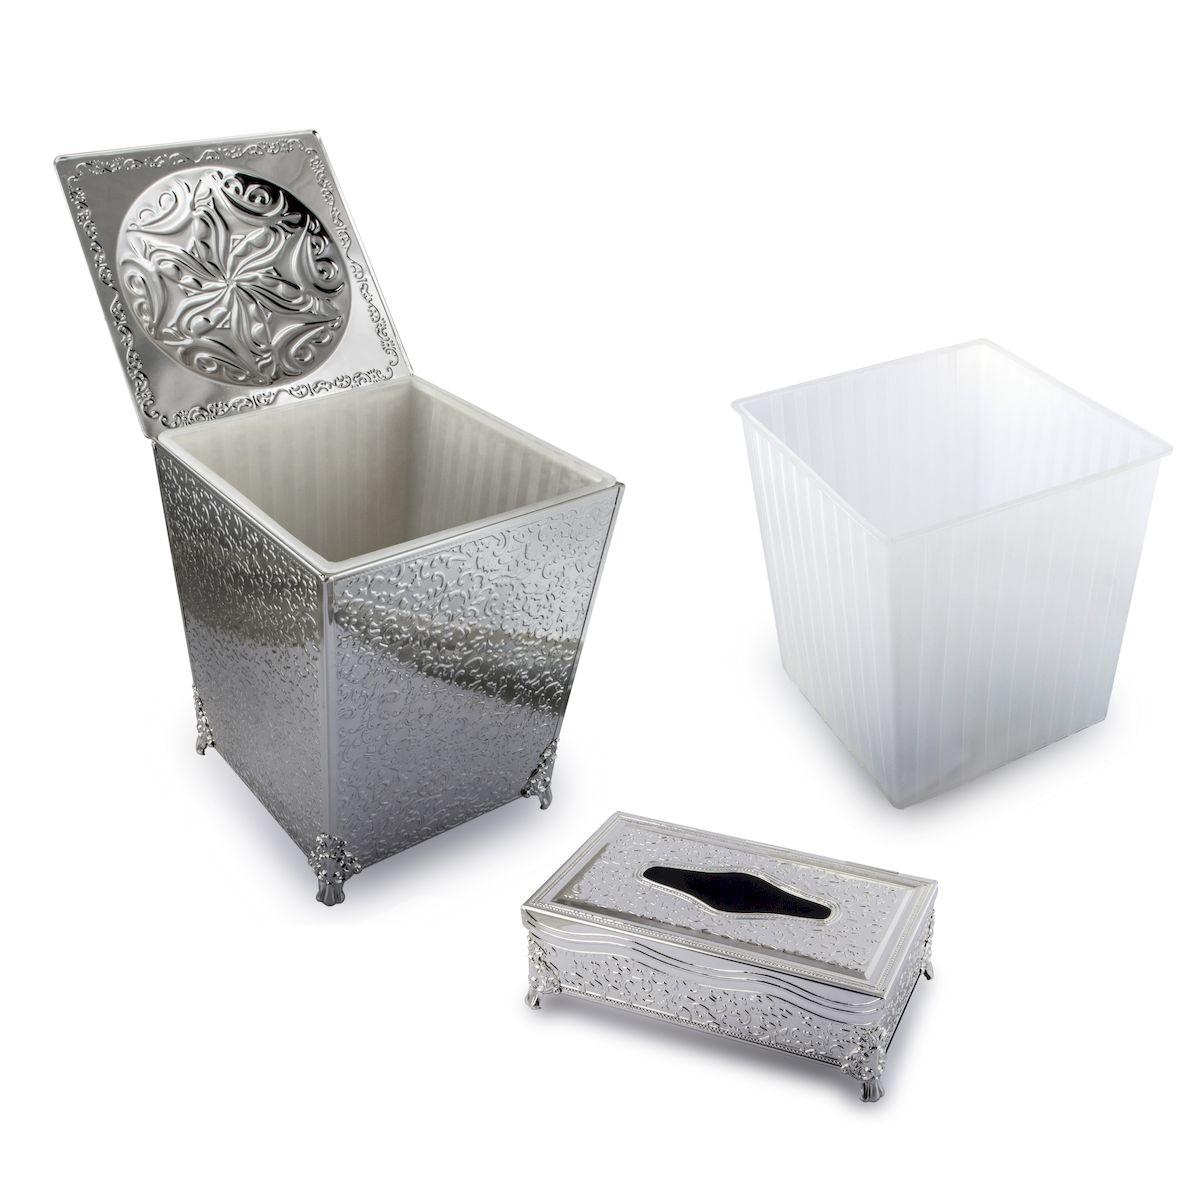 Корзина для мусора и подставка для салфеток Rosenberg. S-2291RG-D31Sкорзина для мусора и подставка для салфеток, размеры: корзина 22.5 х 22.5 х 31 см подставка 15 х 27 х 9 см